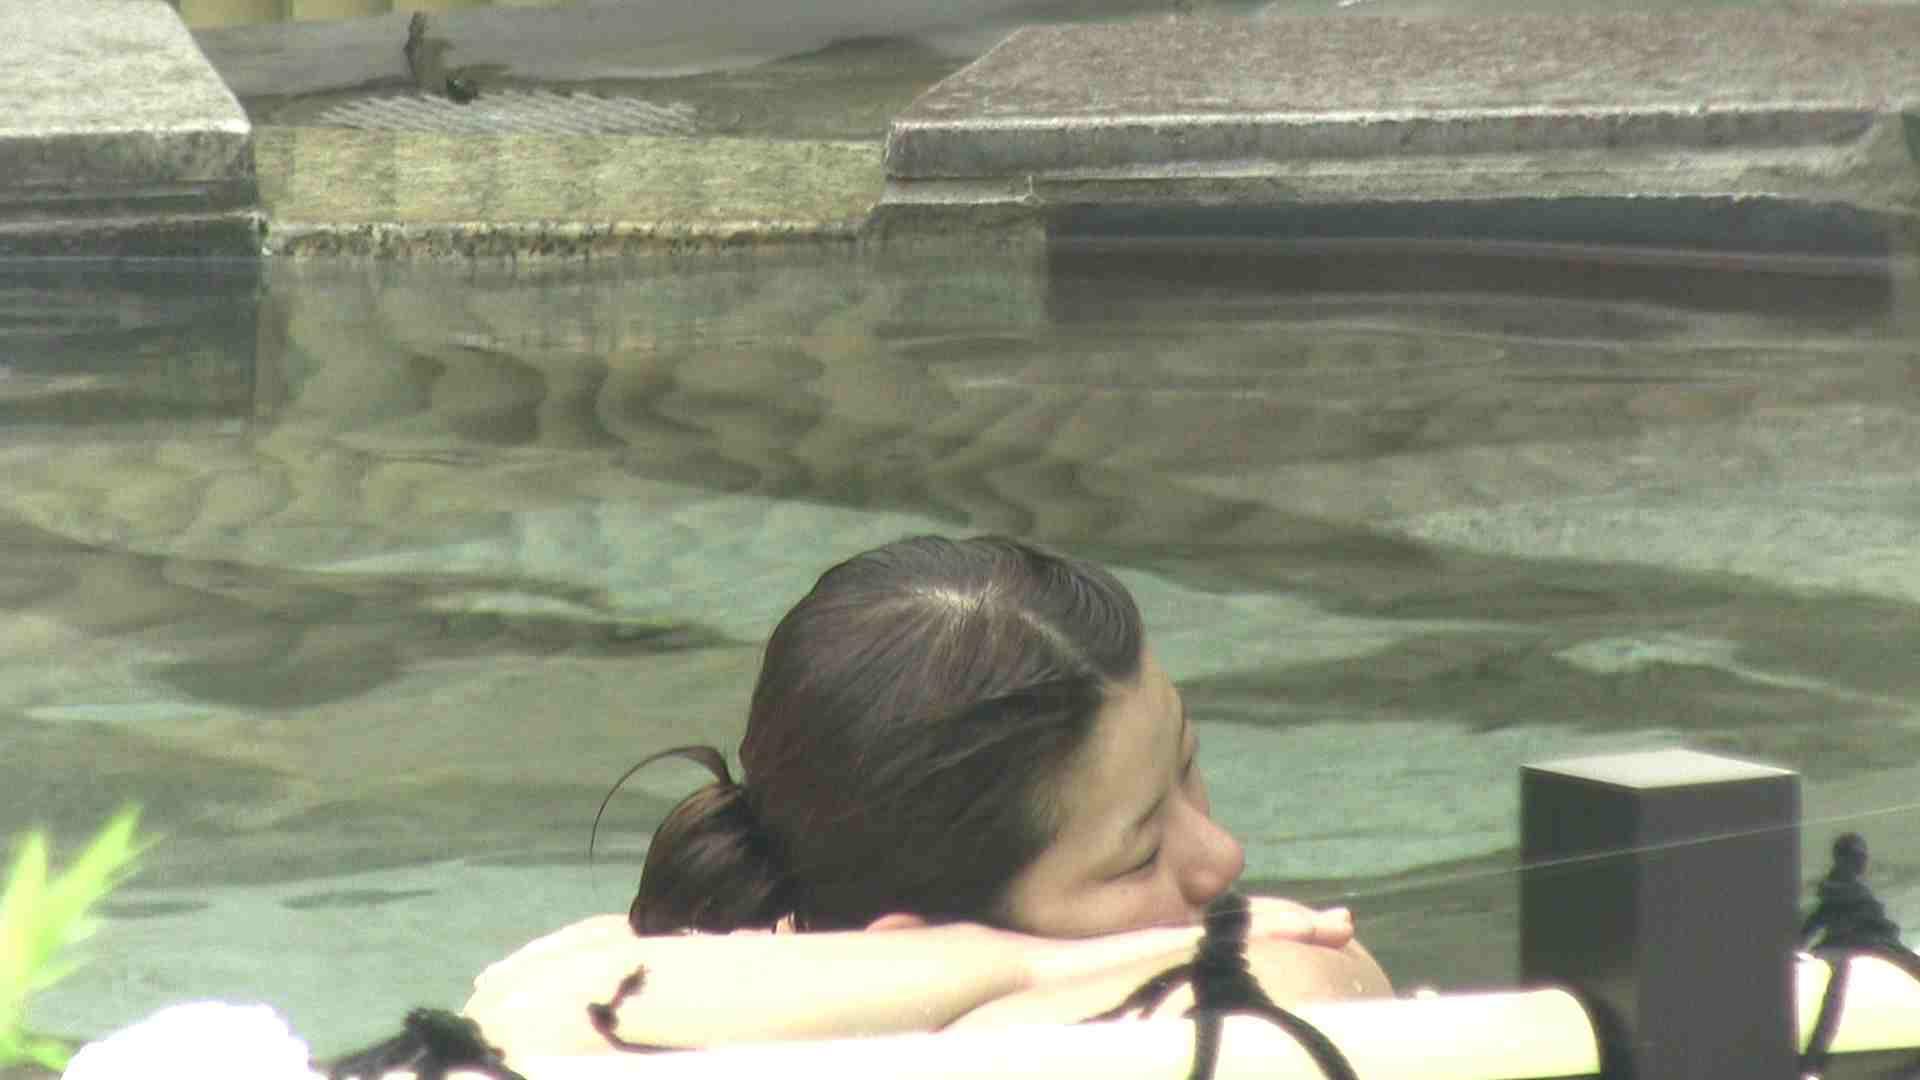 Aquaな露天風呂Vol.19【VIP】 美しいOLの裸体  106pic 30